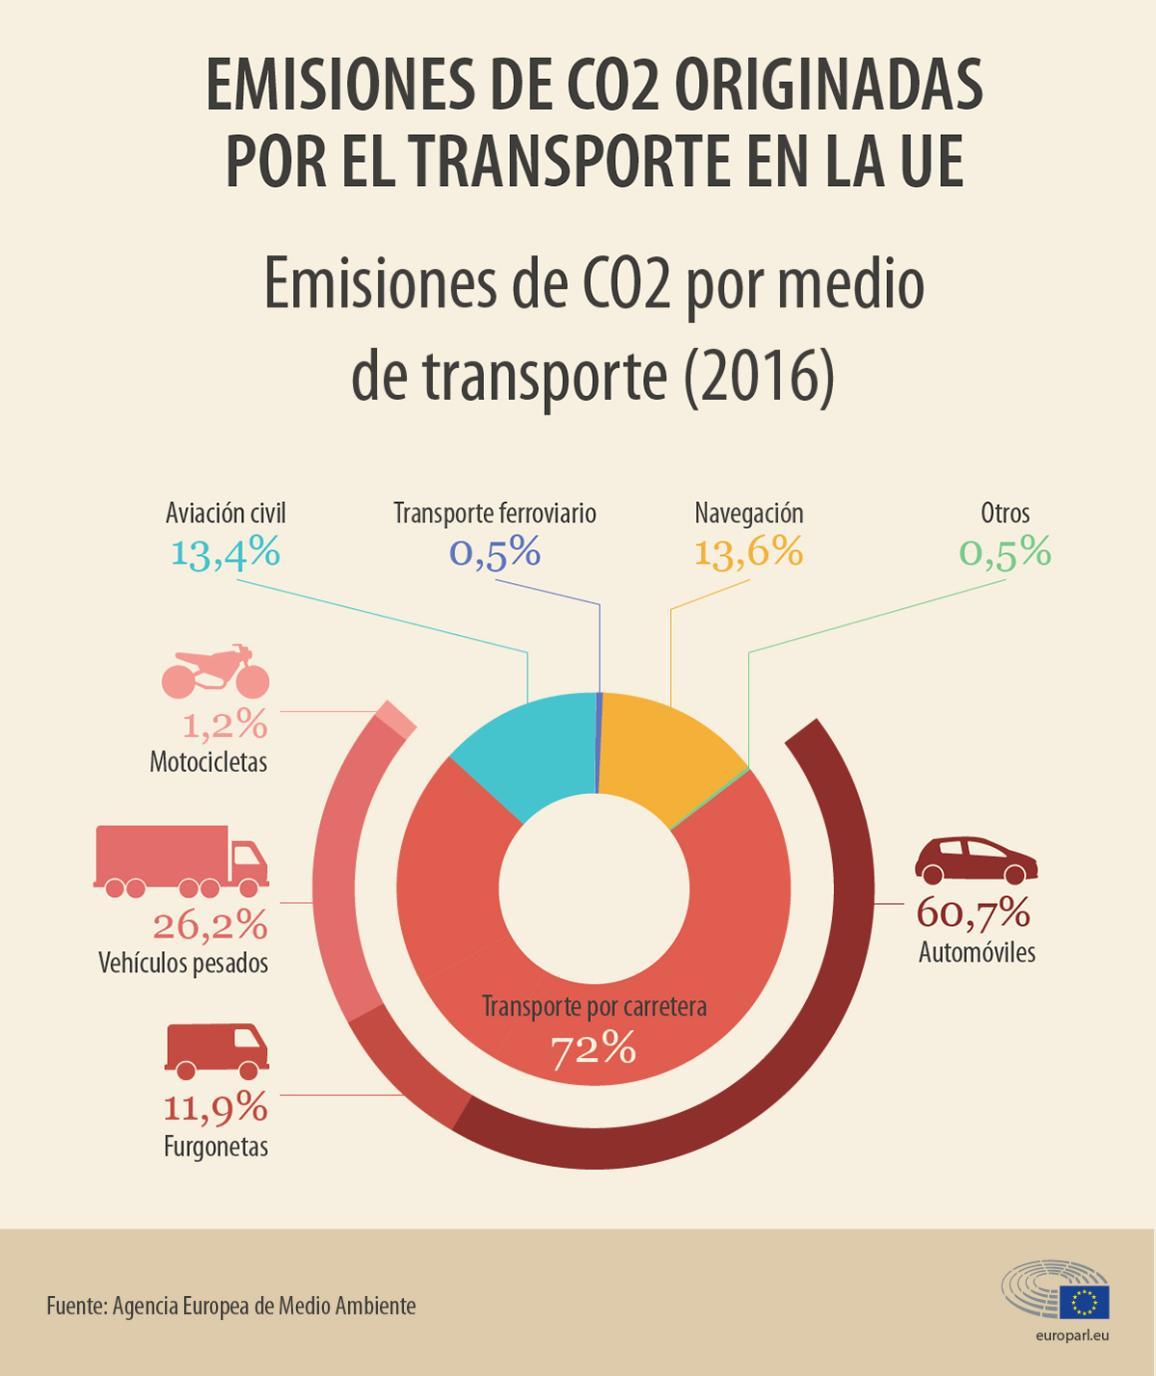 Infografia: los coches suponen el 60% de las emisiones del transporte